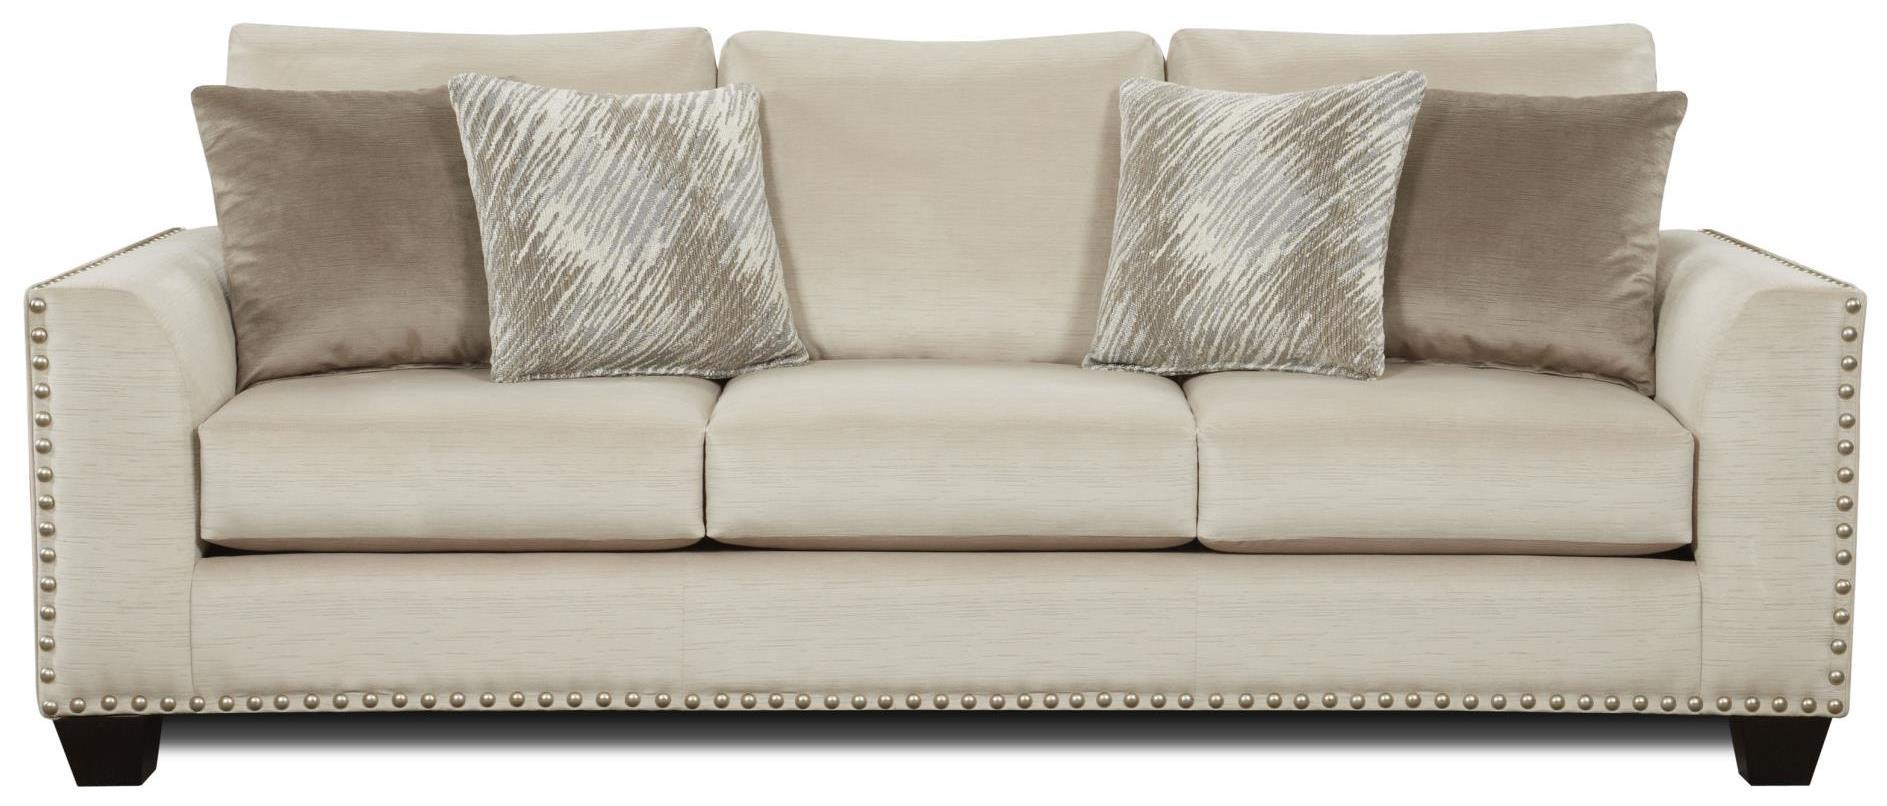 VFM Signature 1460 Sofa - Item Number: 1460Empire Stone